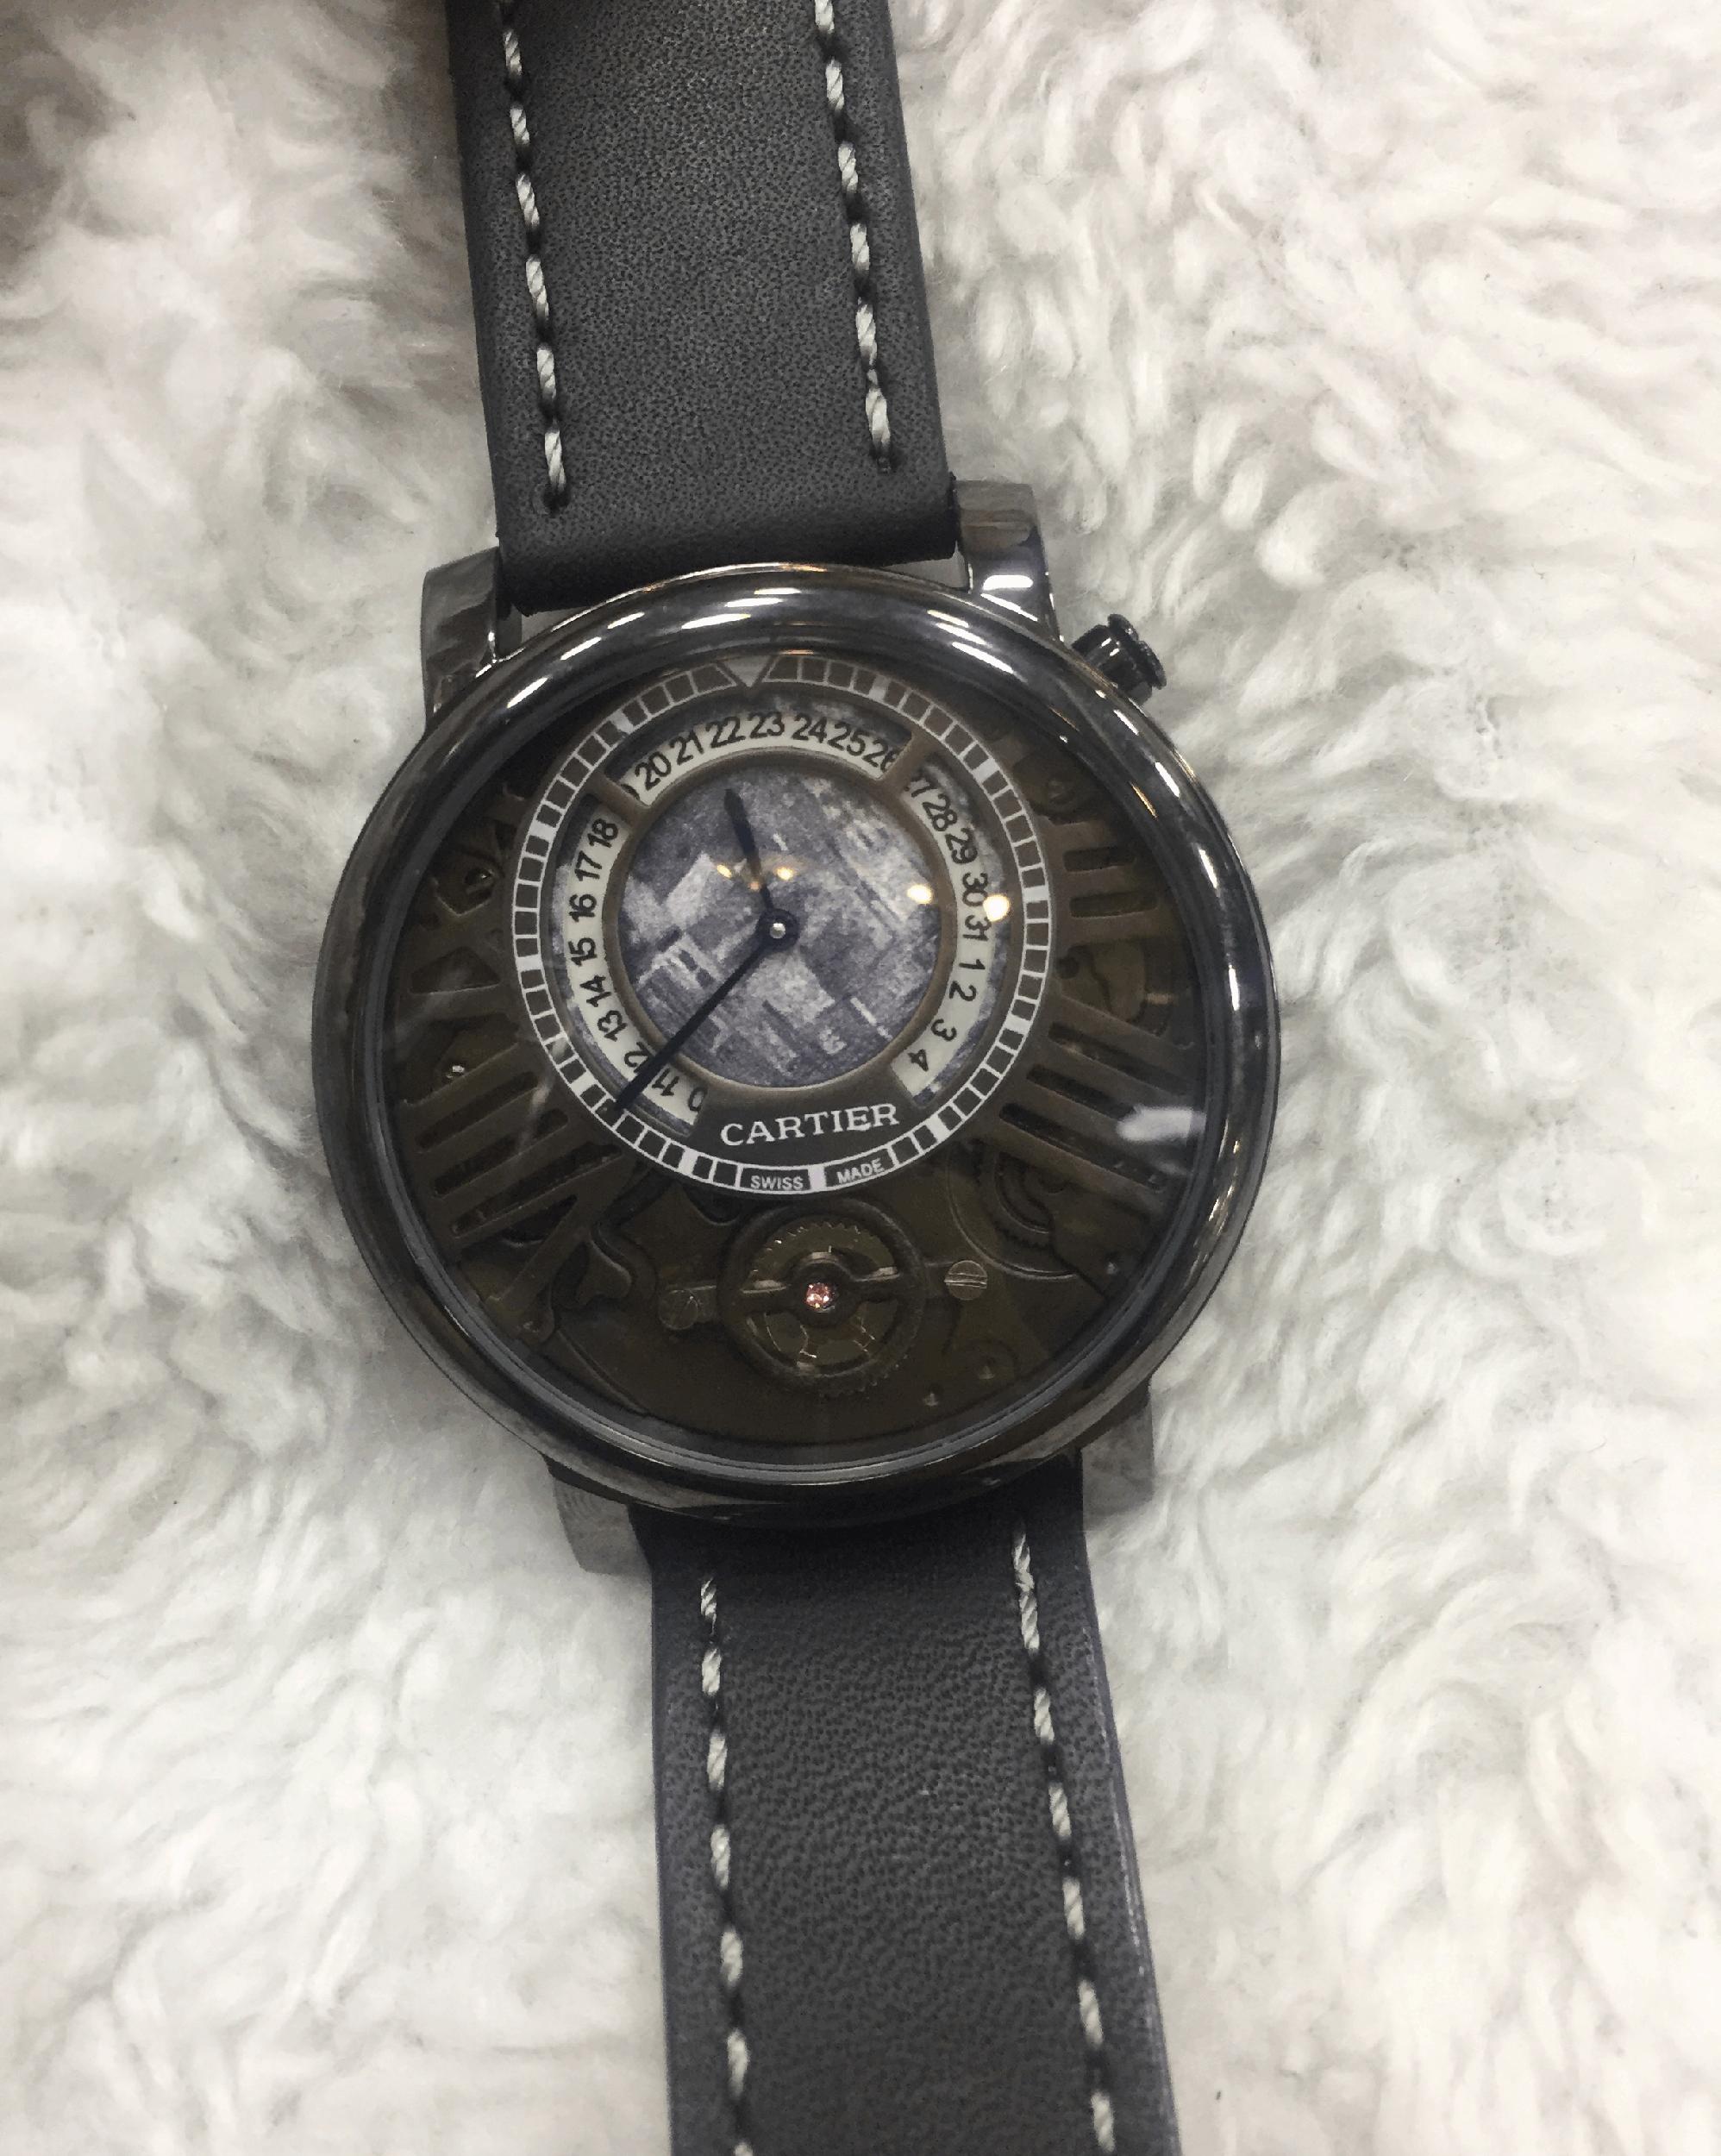 Replica de Relógio Cartier AU750 Couro Preto